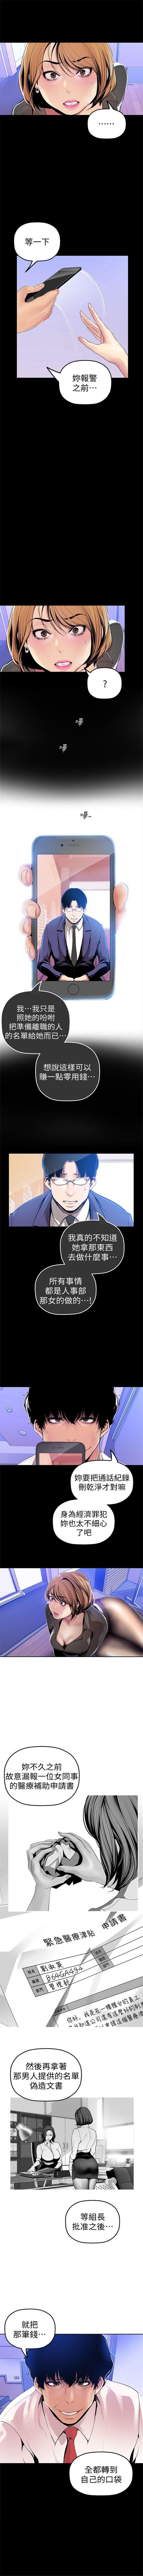 (週1)美麗新世界 1-76 中文翻譯 (更新中) 298